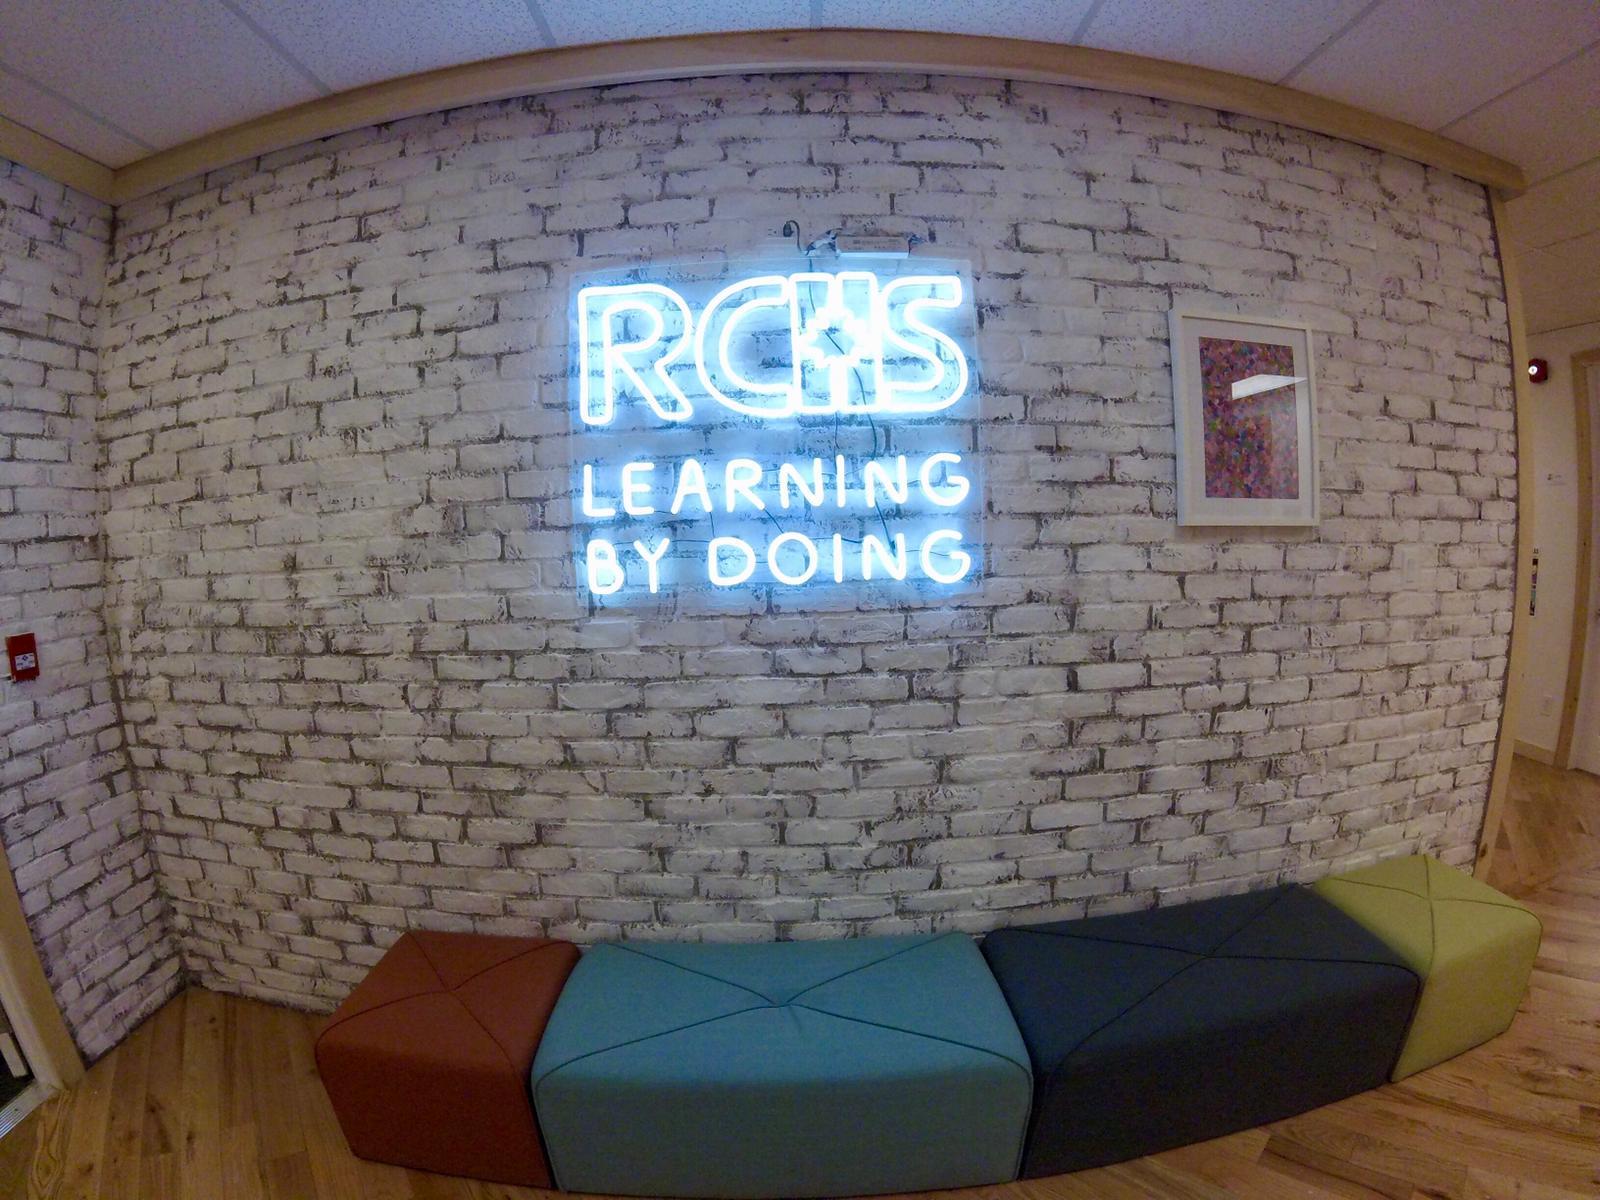 RCIIS-5